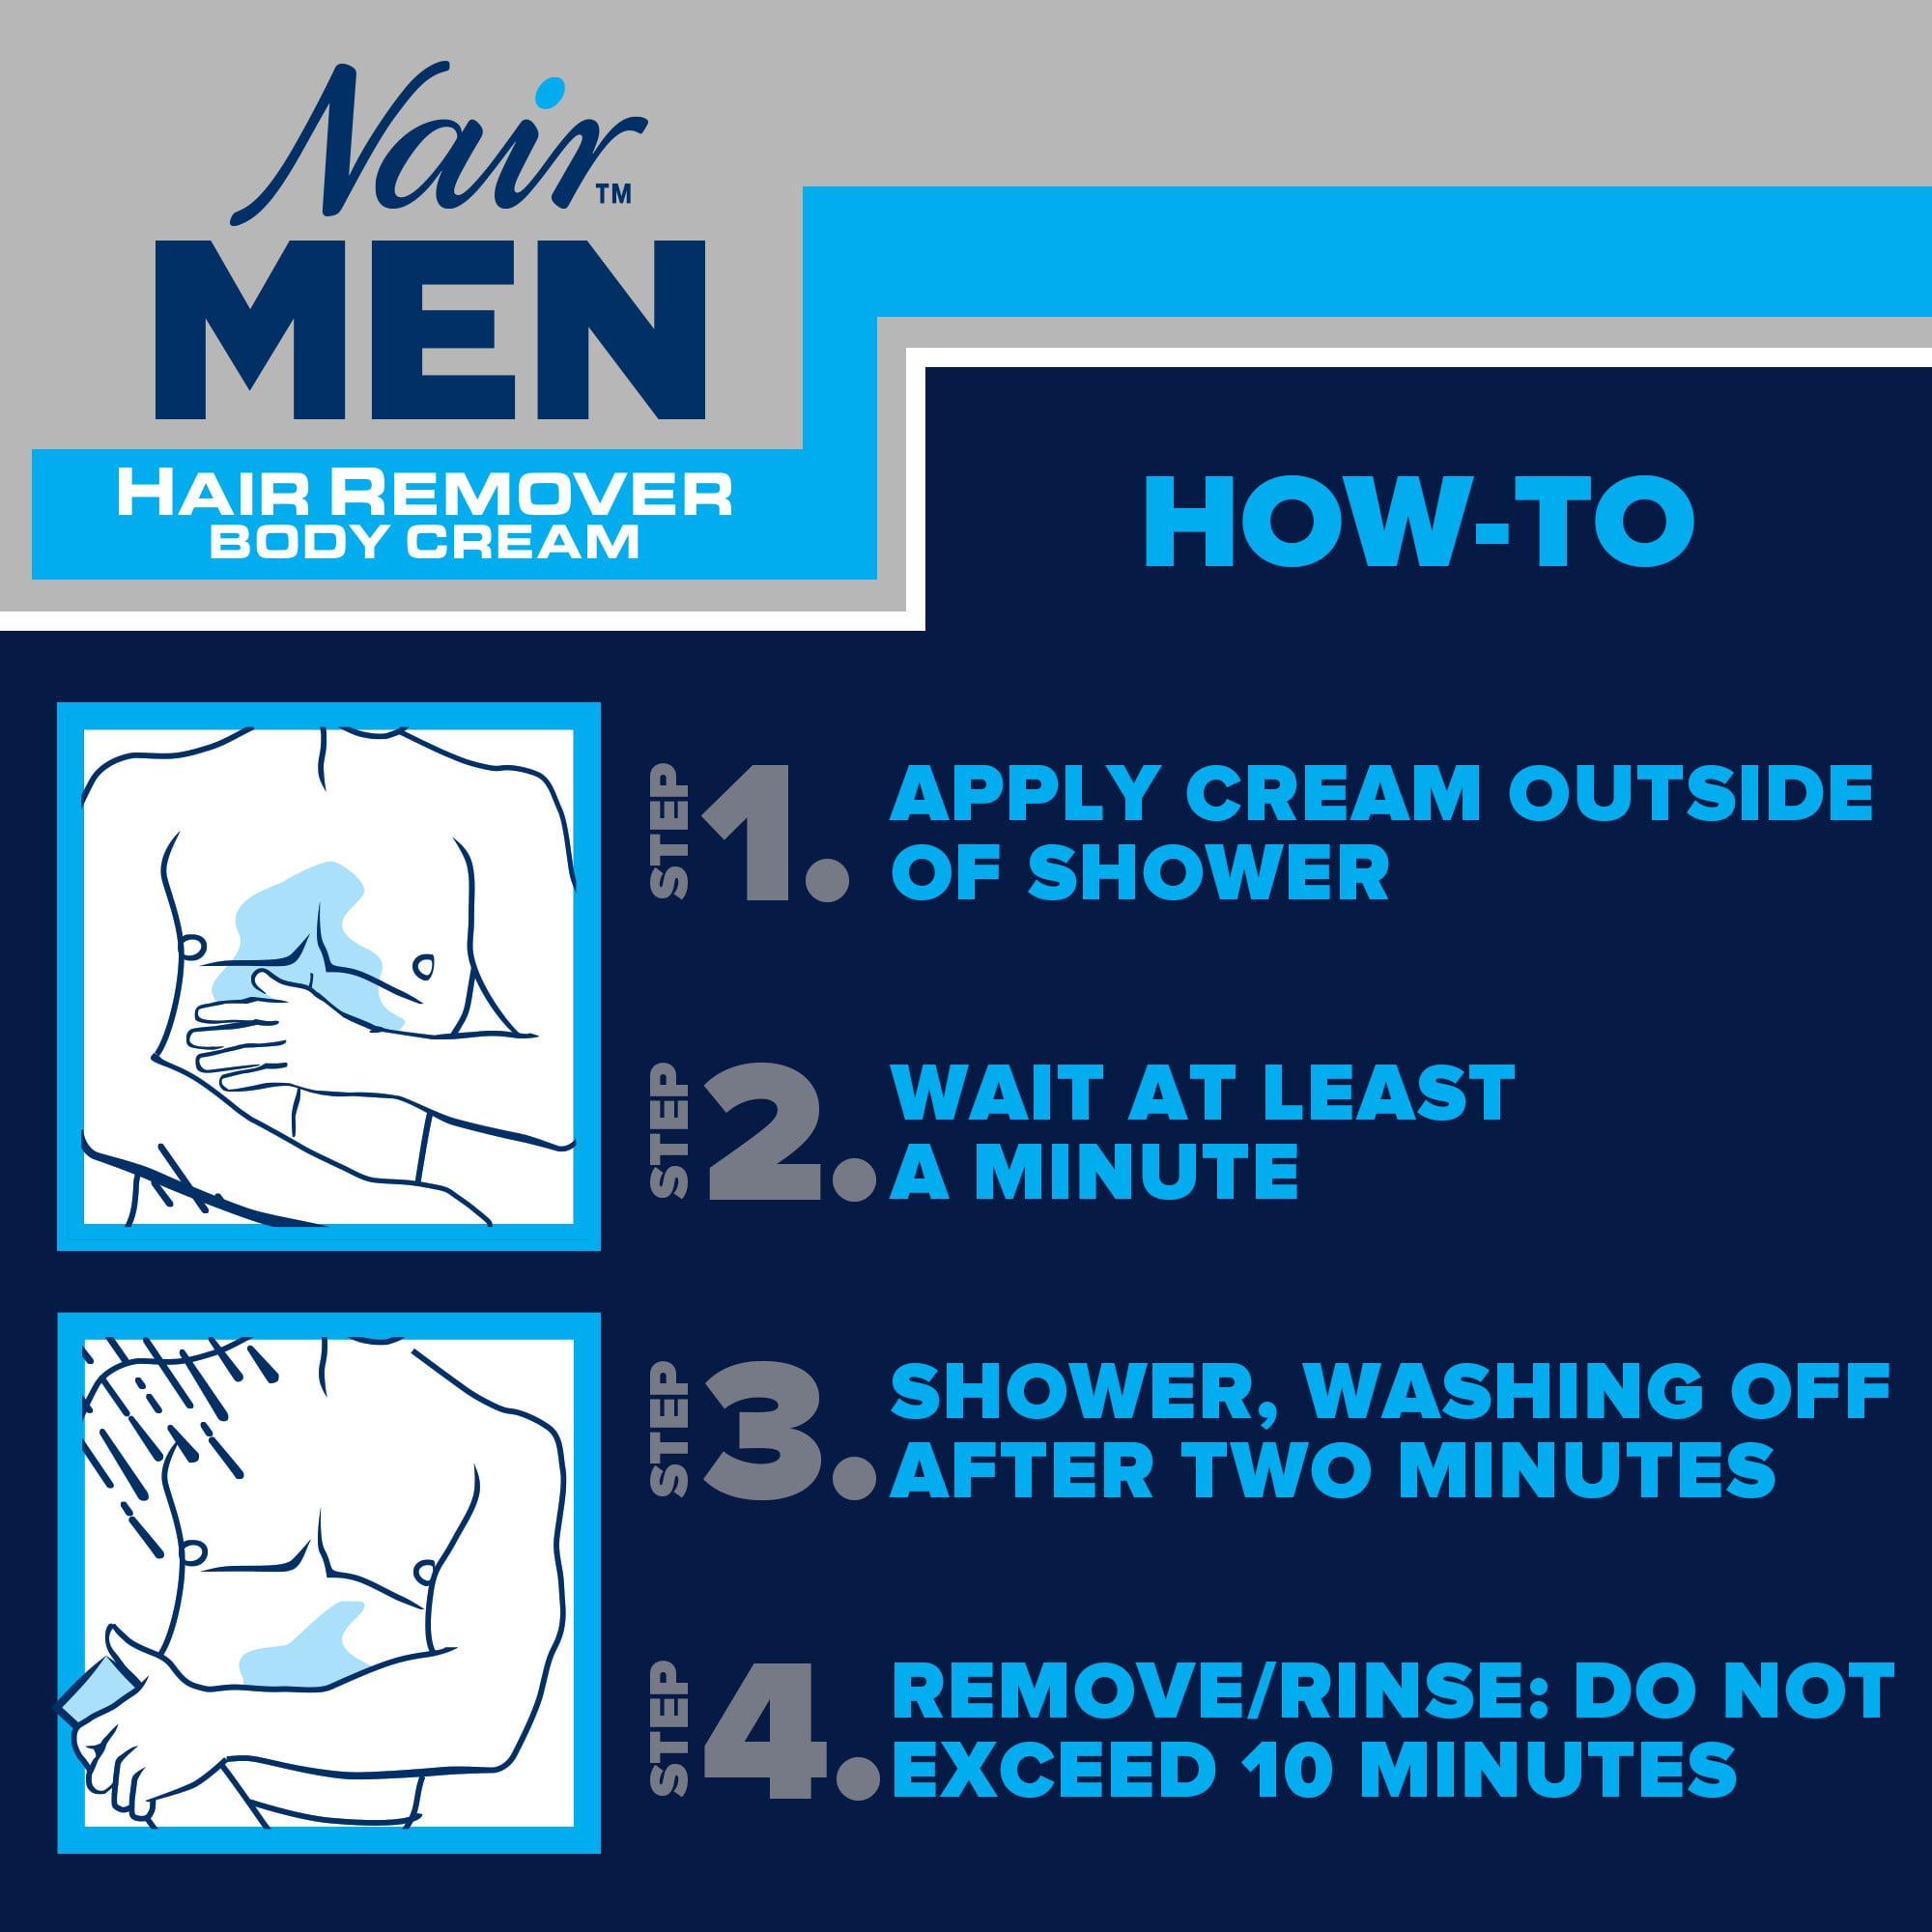 Nair Hair Remover For Men Hair Remover Body Cream 13 Oz